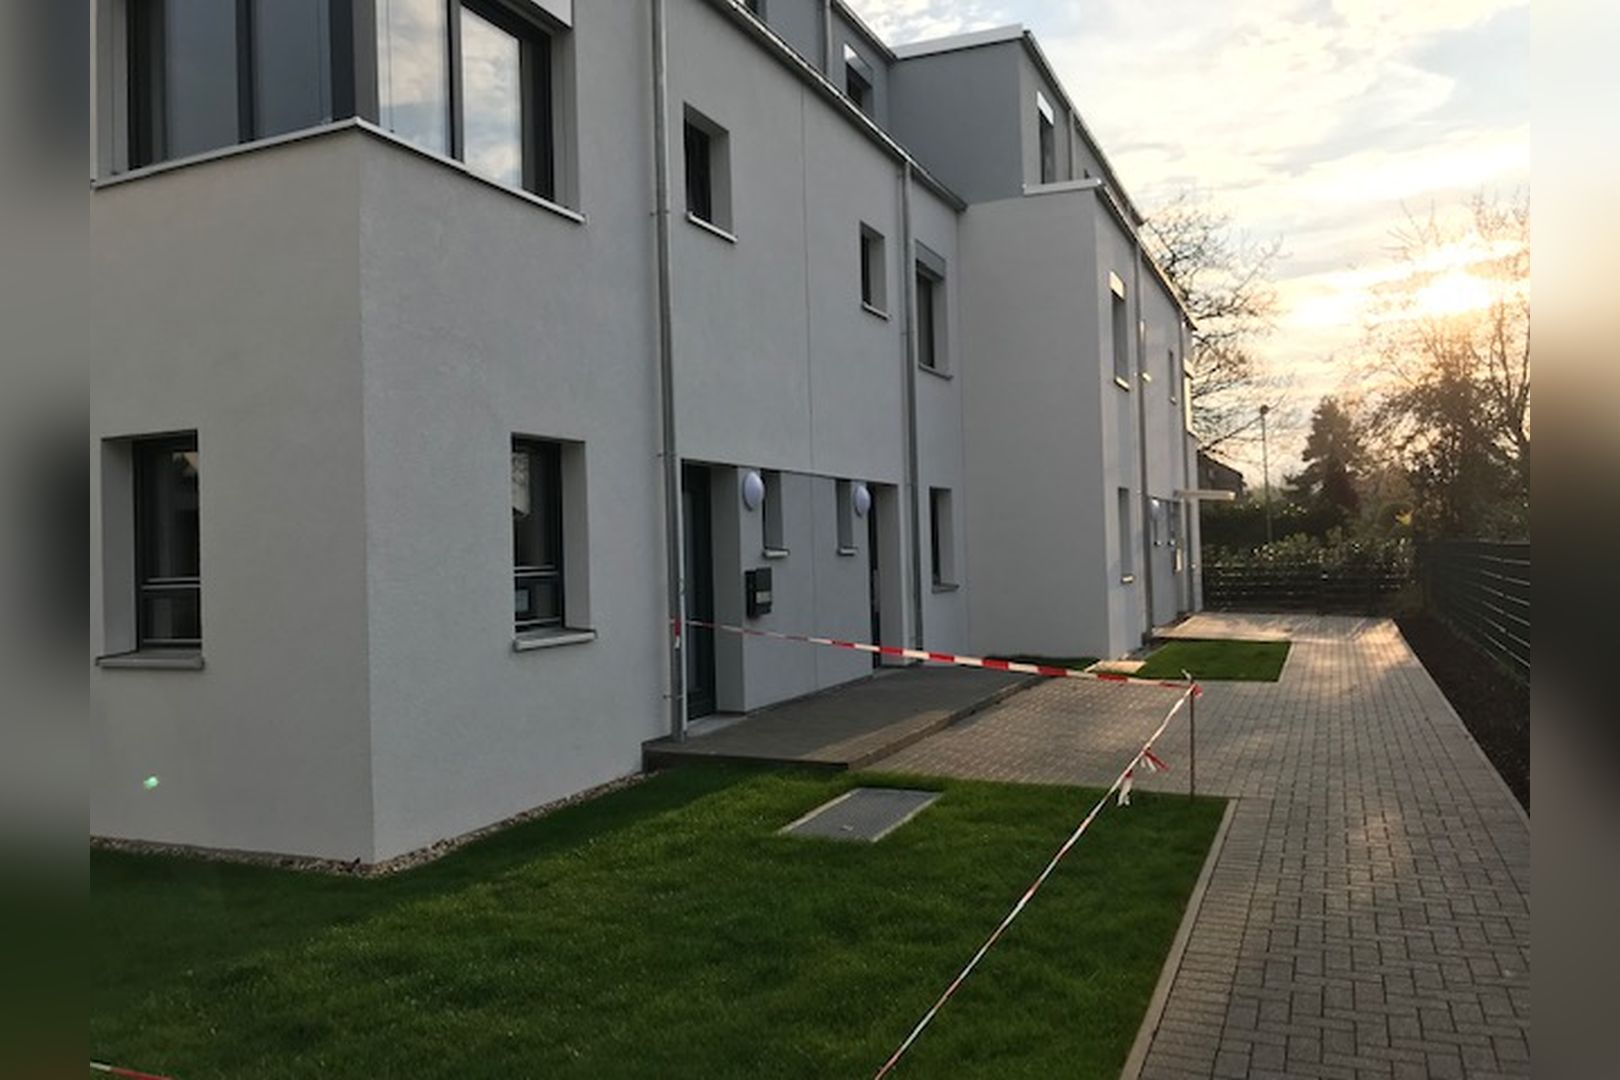 Immobilie Nr.BÖ-000 - Energieeffizientes Neubauquartier mit 20 Wohneinheiten und TG - Bild 16.jpg